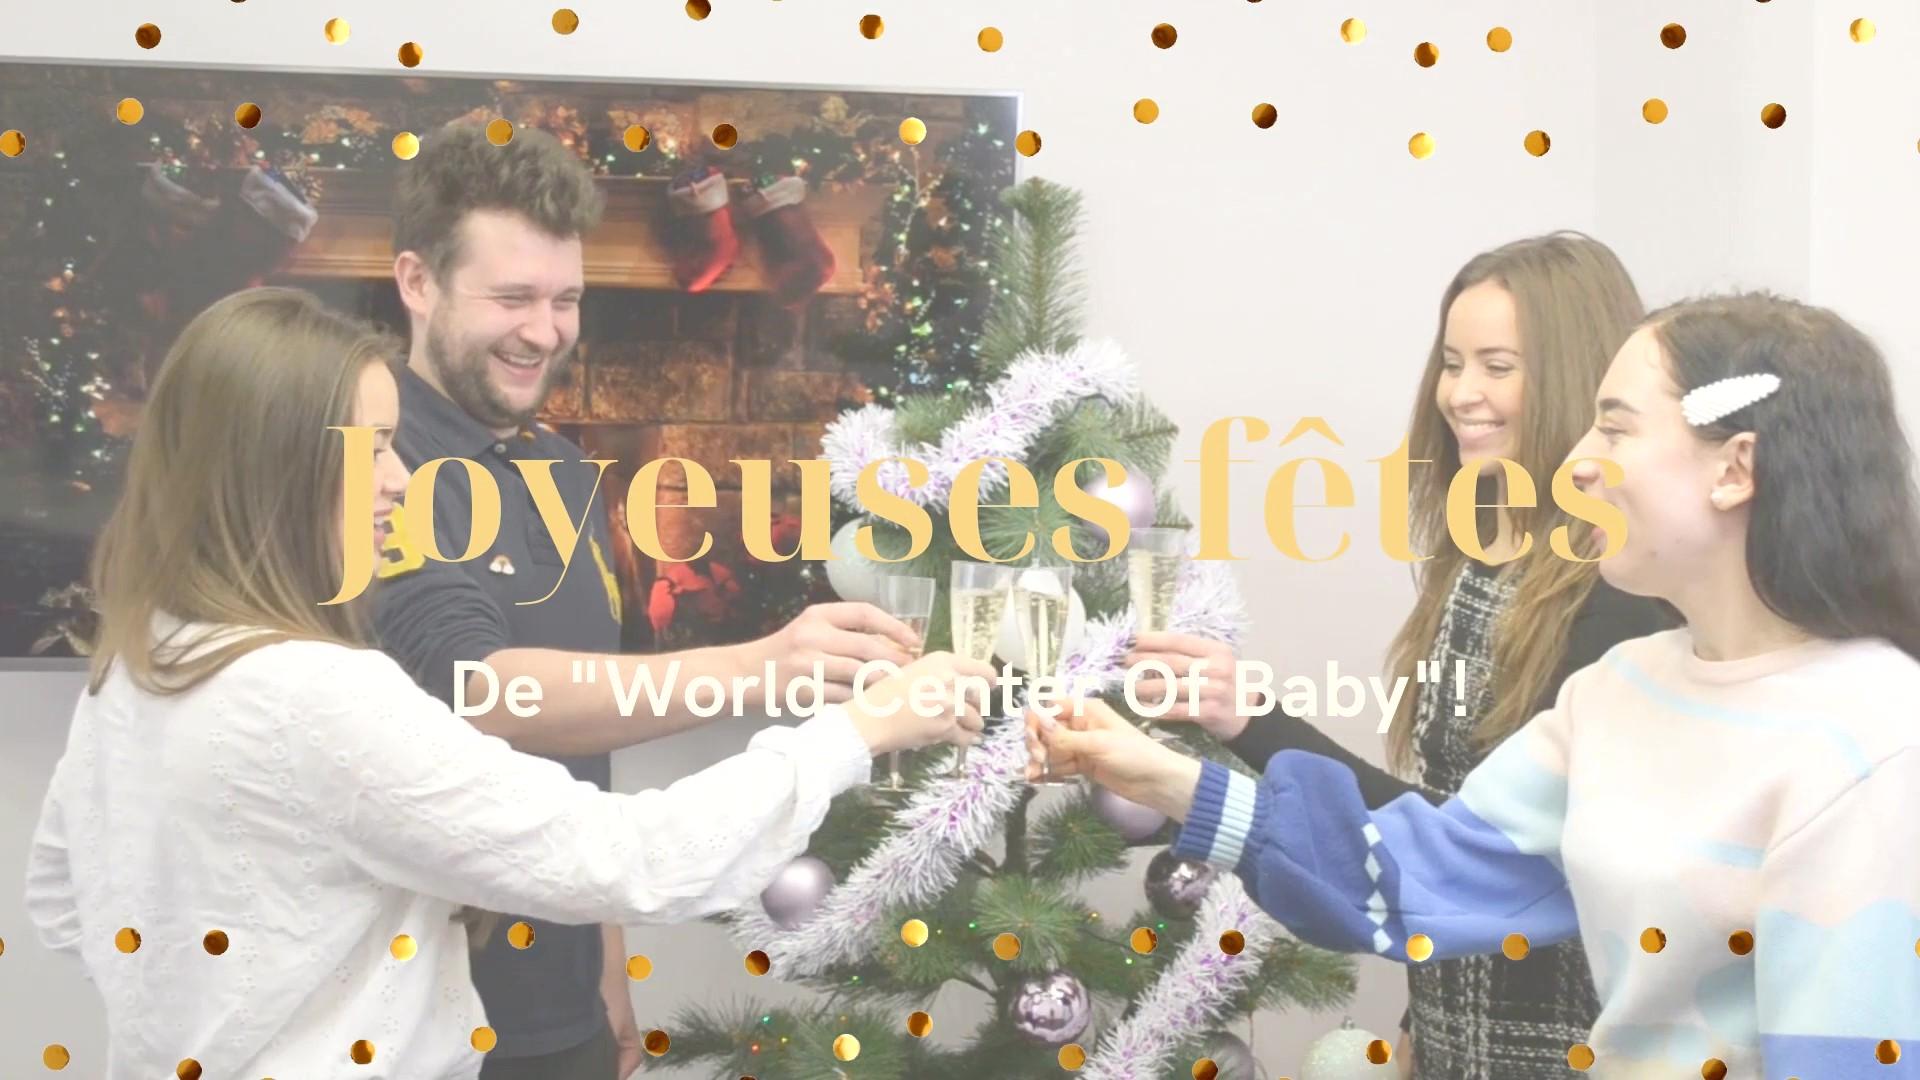 Joyeux Noel et bonne année!